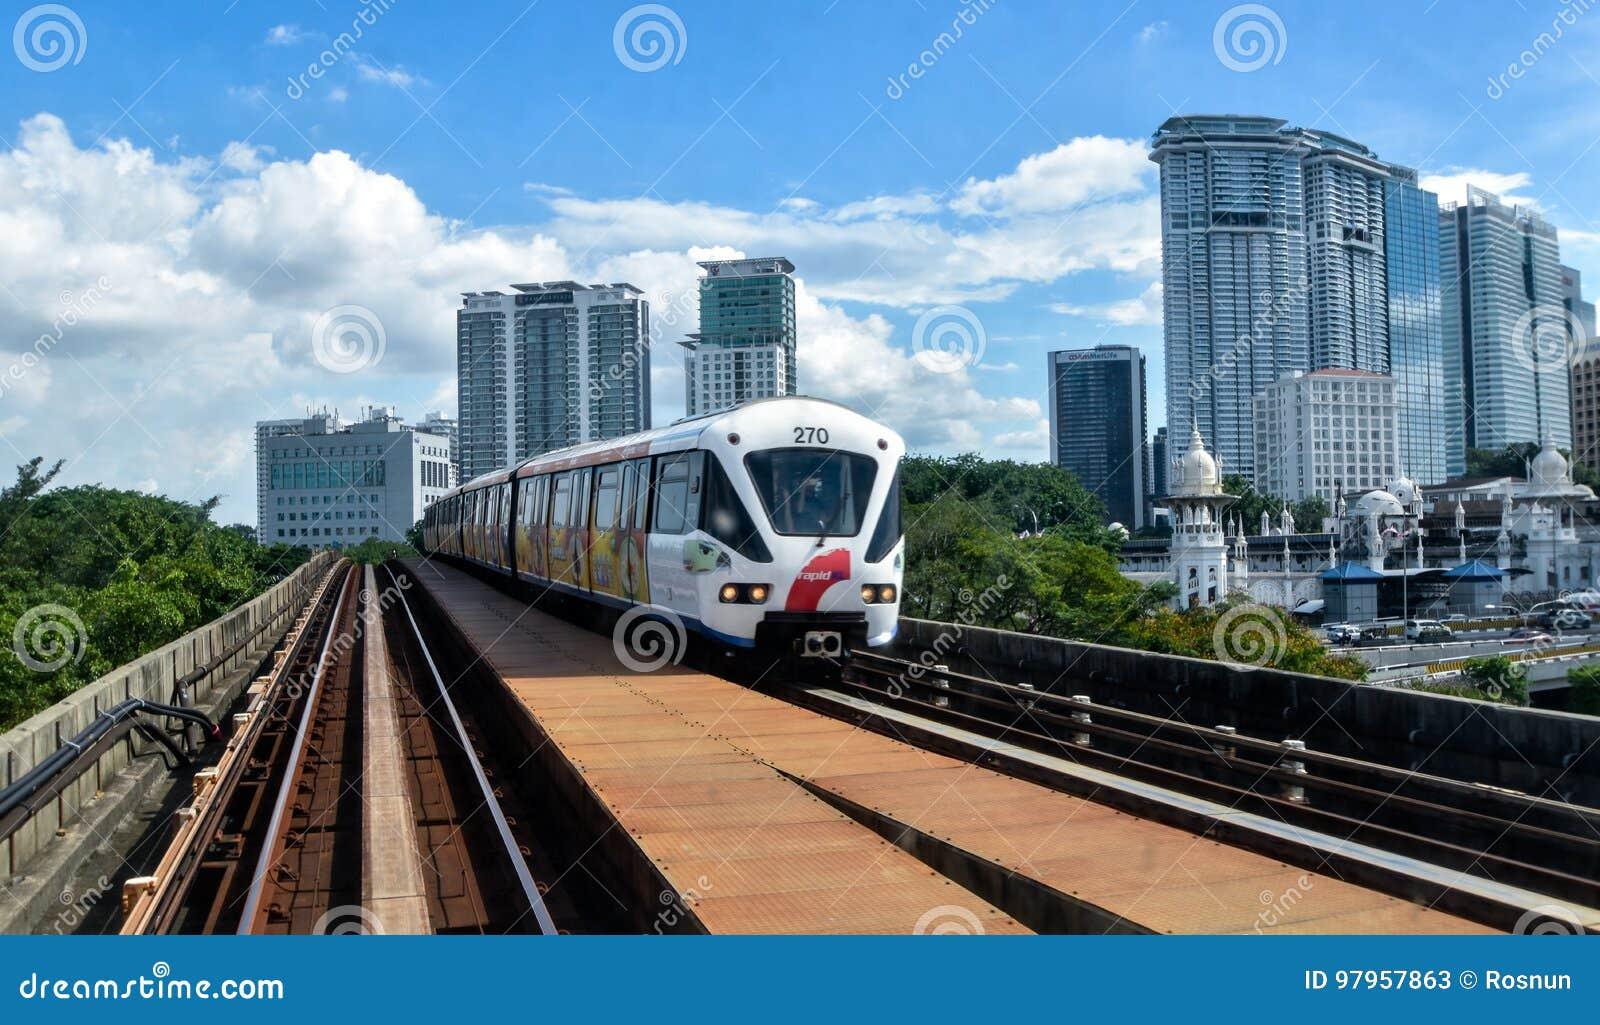 Rapida chilolitro - treno leggero della ferrovia in Kuala Lumpur, Malesia